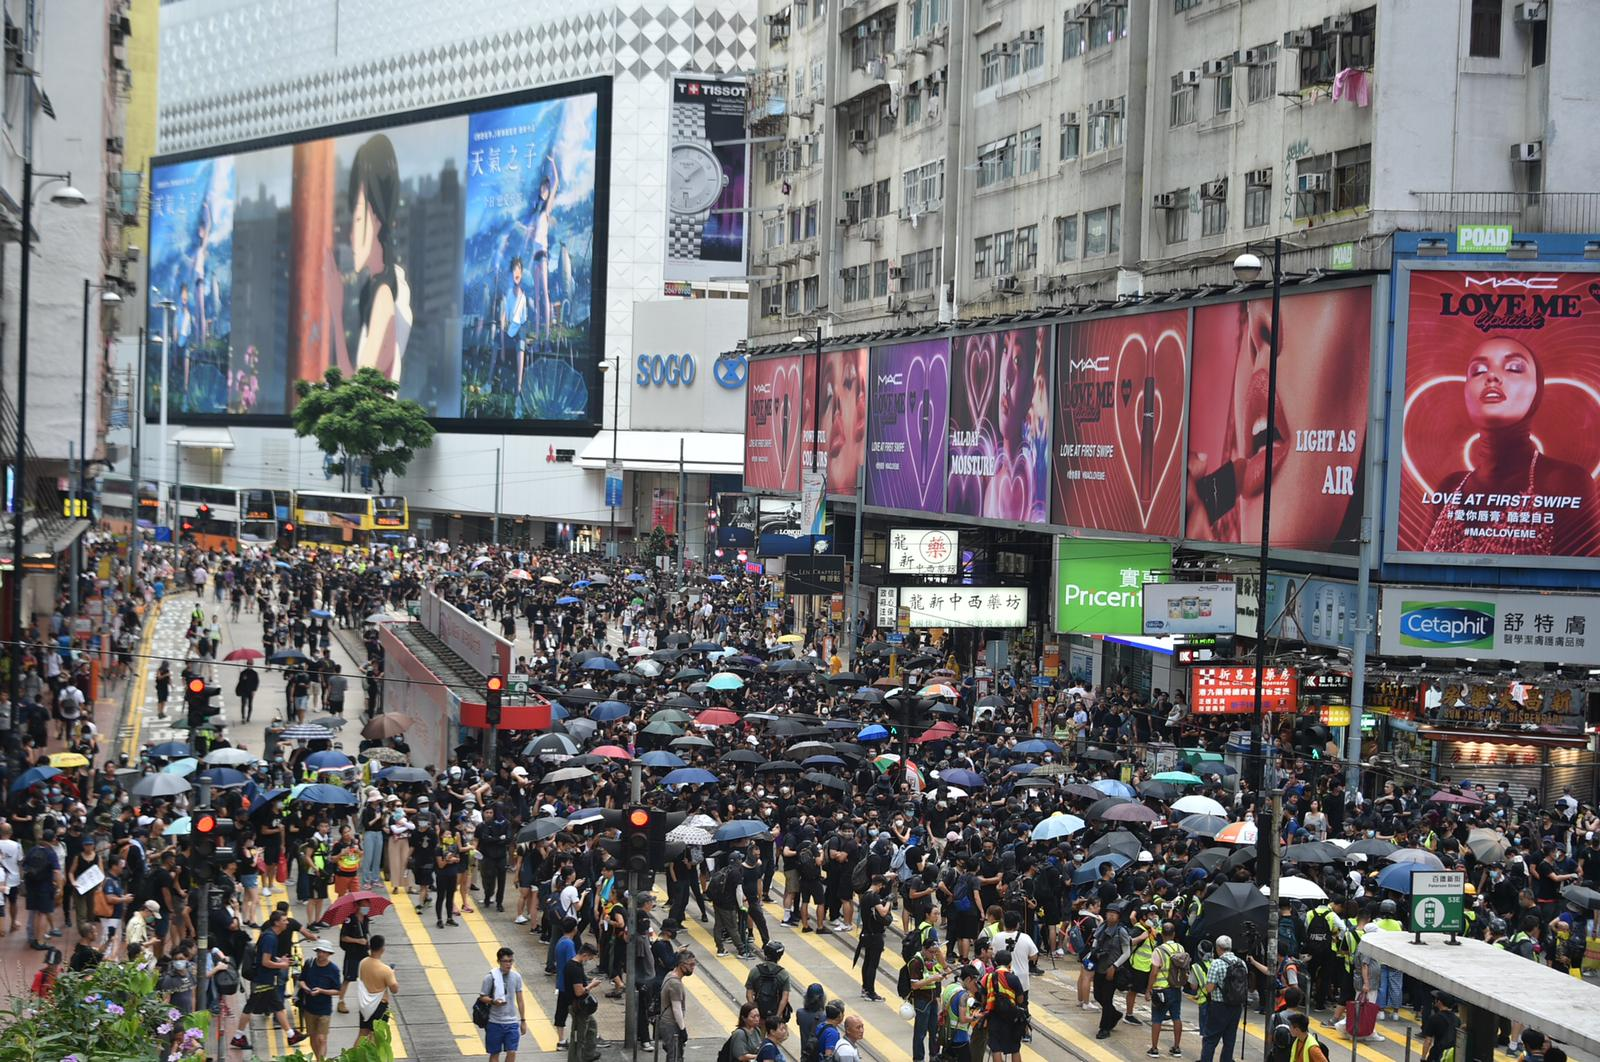 示威者佔據軒尼詩道。